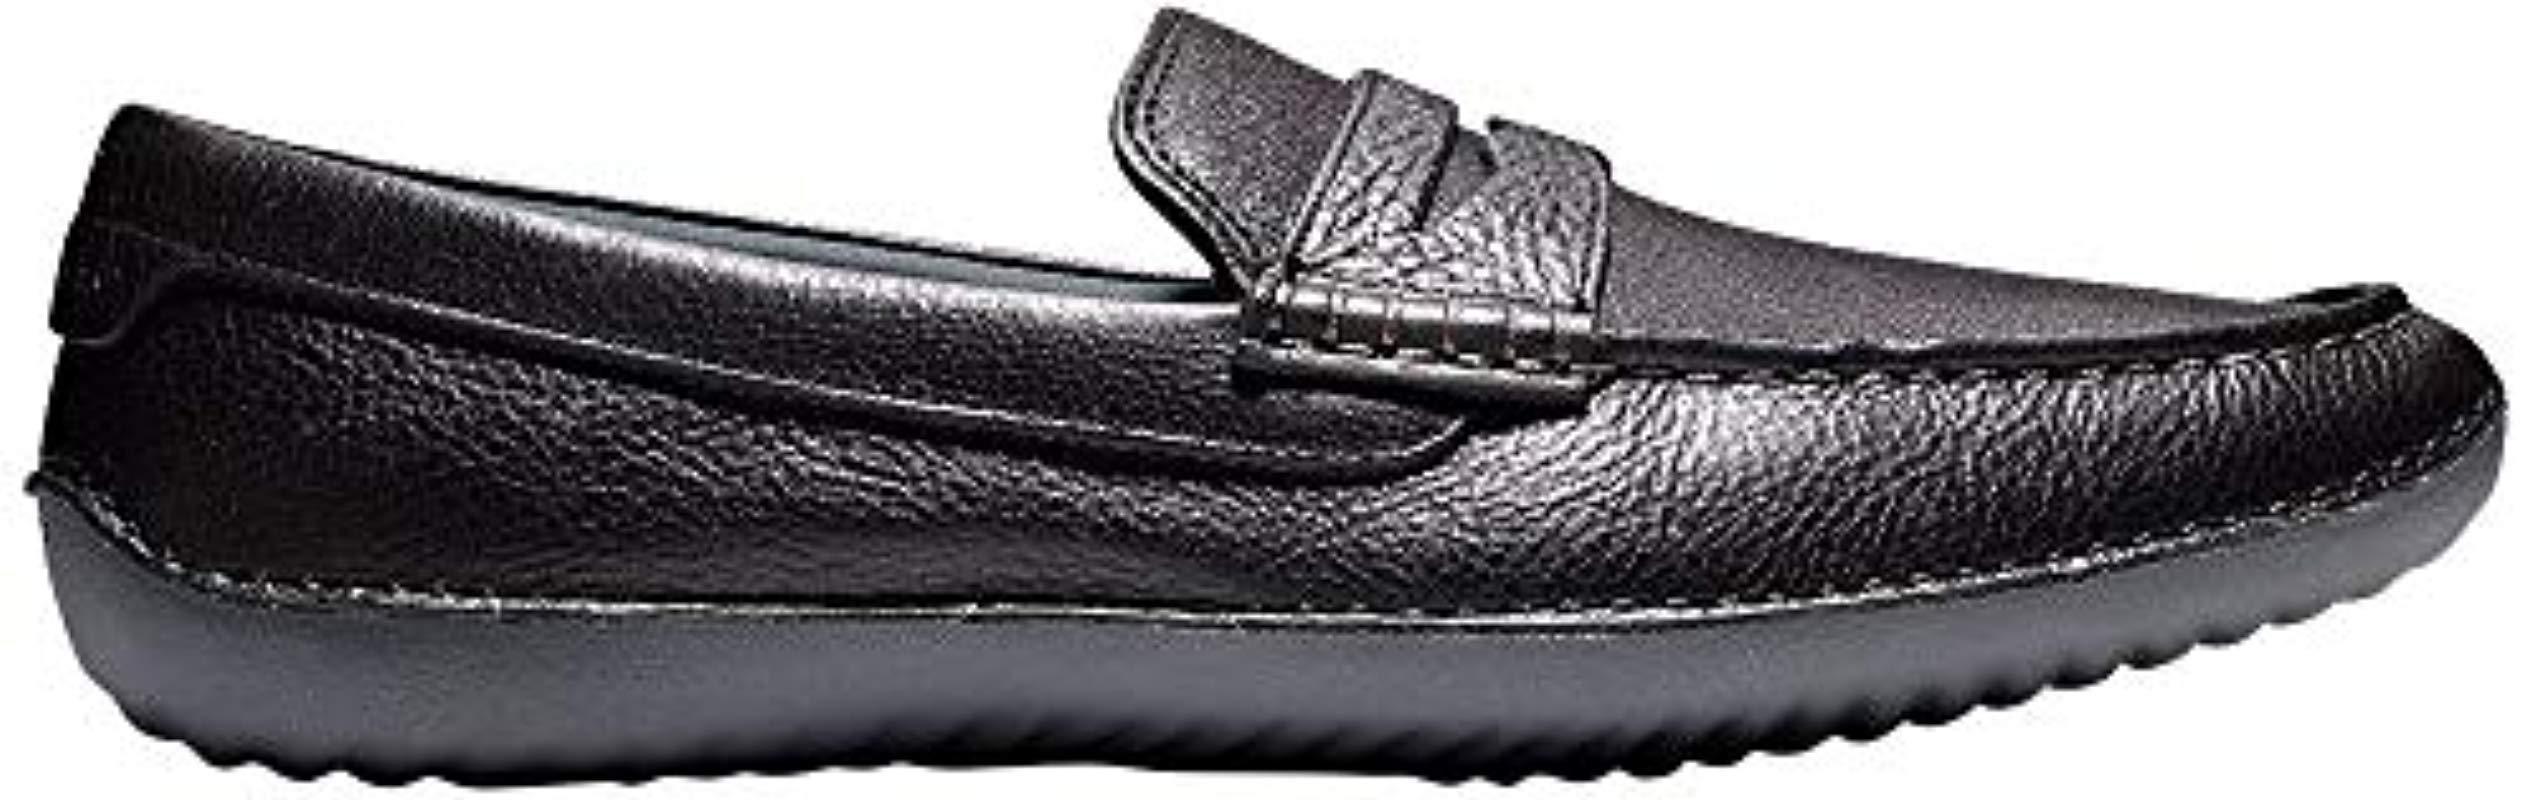 2fec49bda11 Lyst - Cole Haan Motogrand Penny Loafer in Black for Men